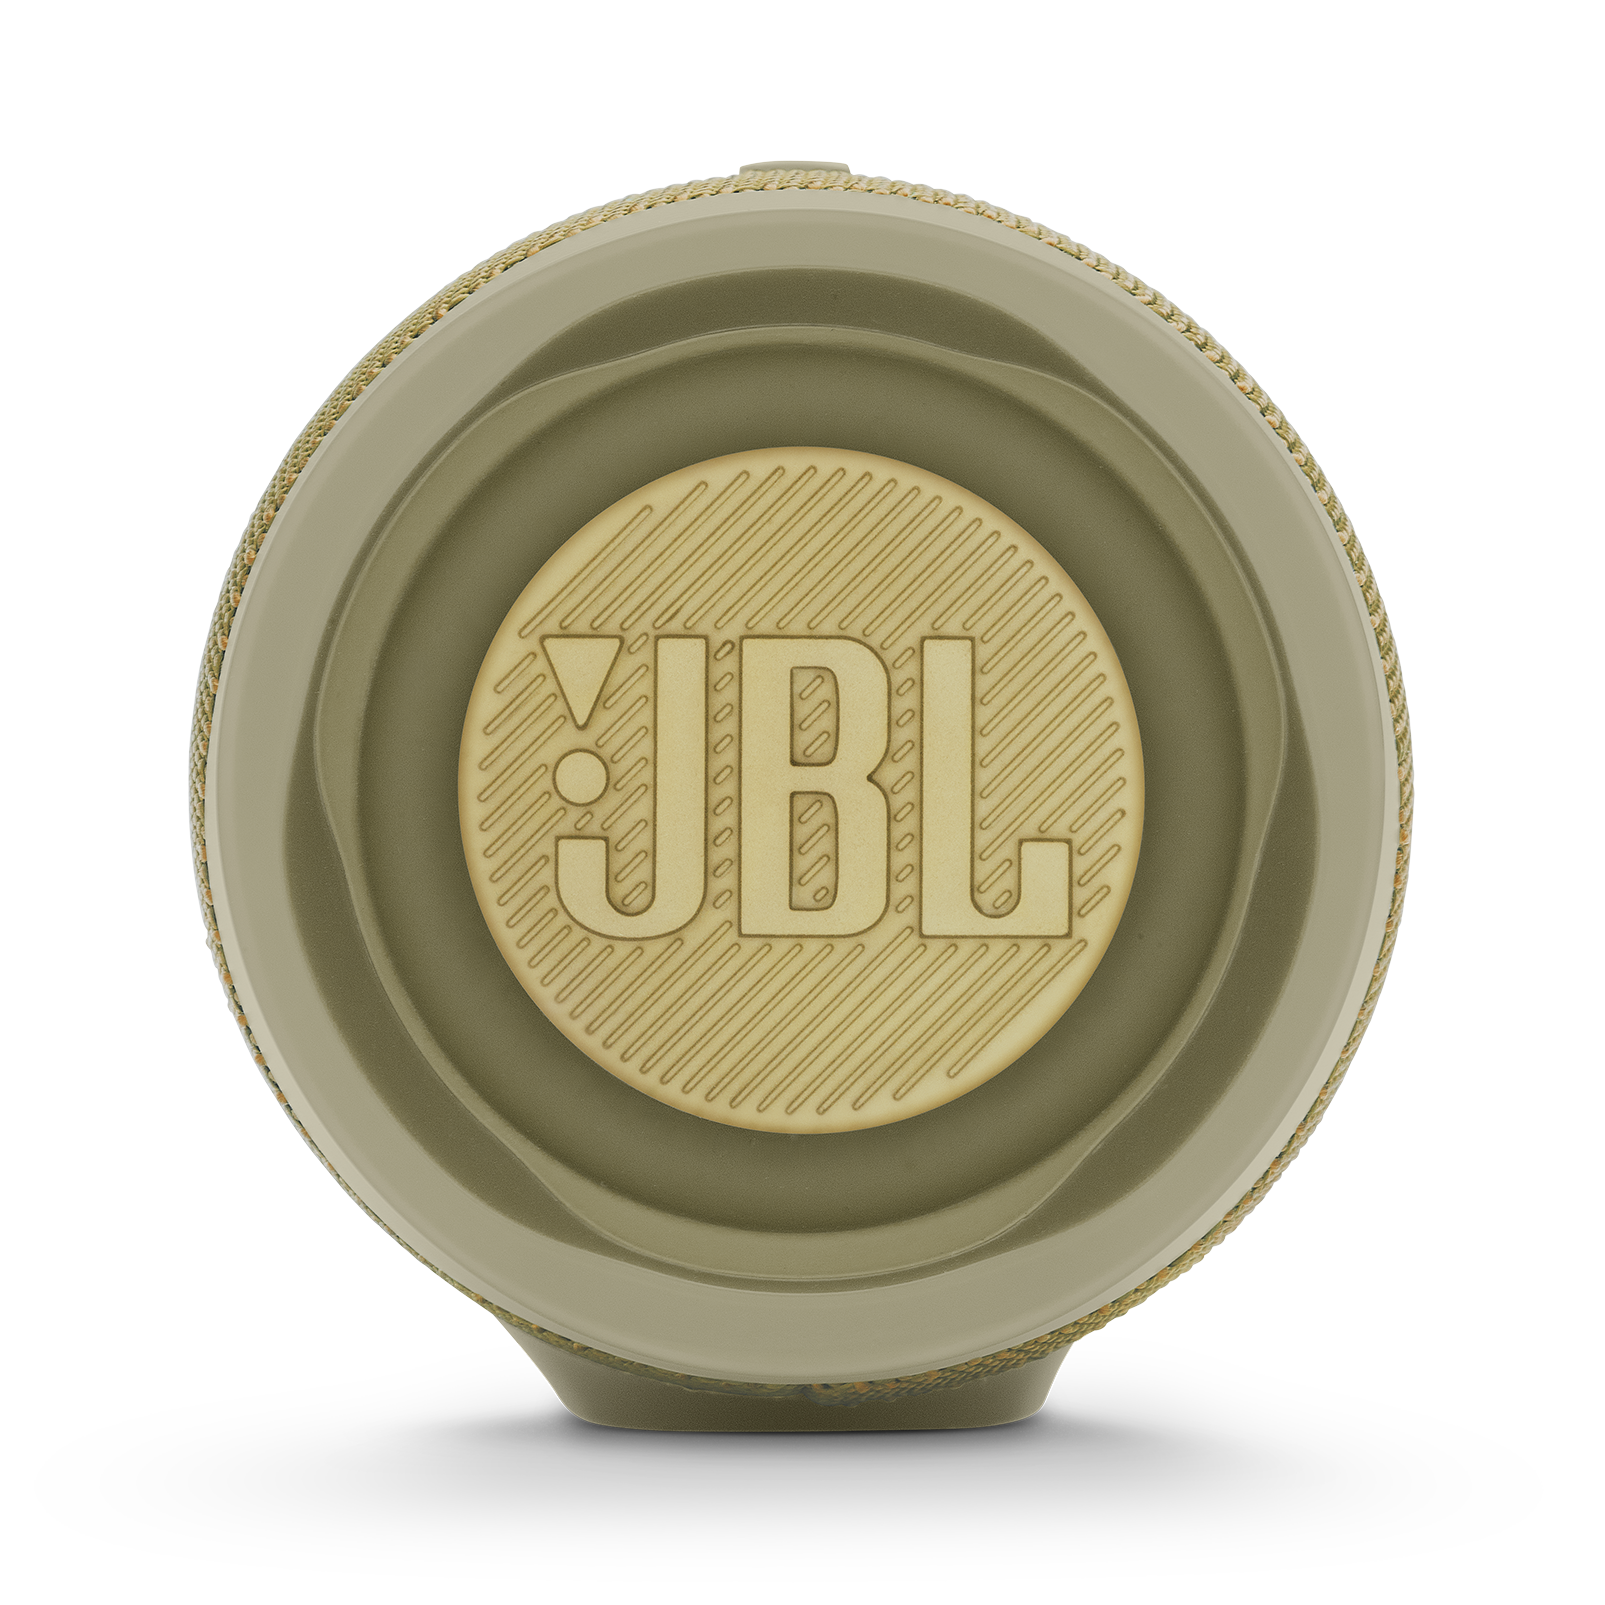 JBL Charge 4 - Sand - Portable Bluetooth speaker - Detailshot 2